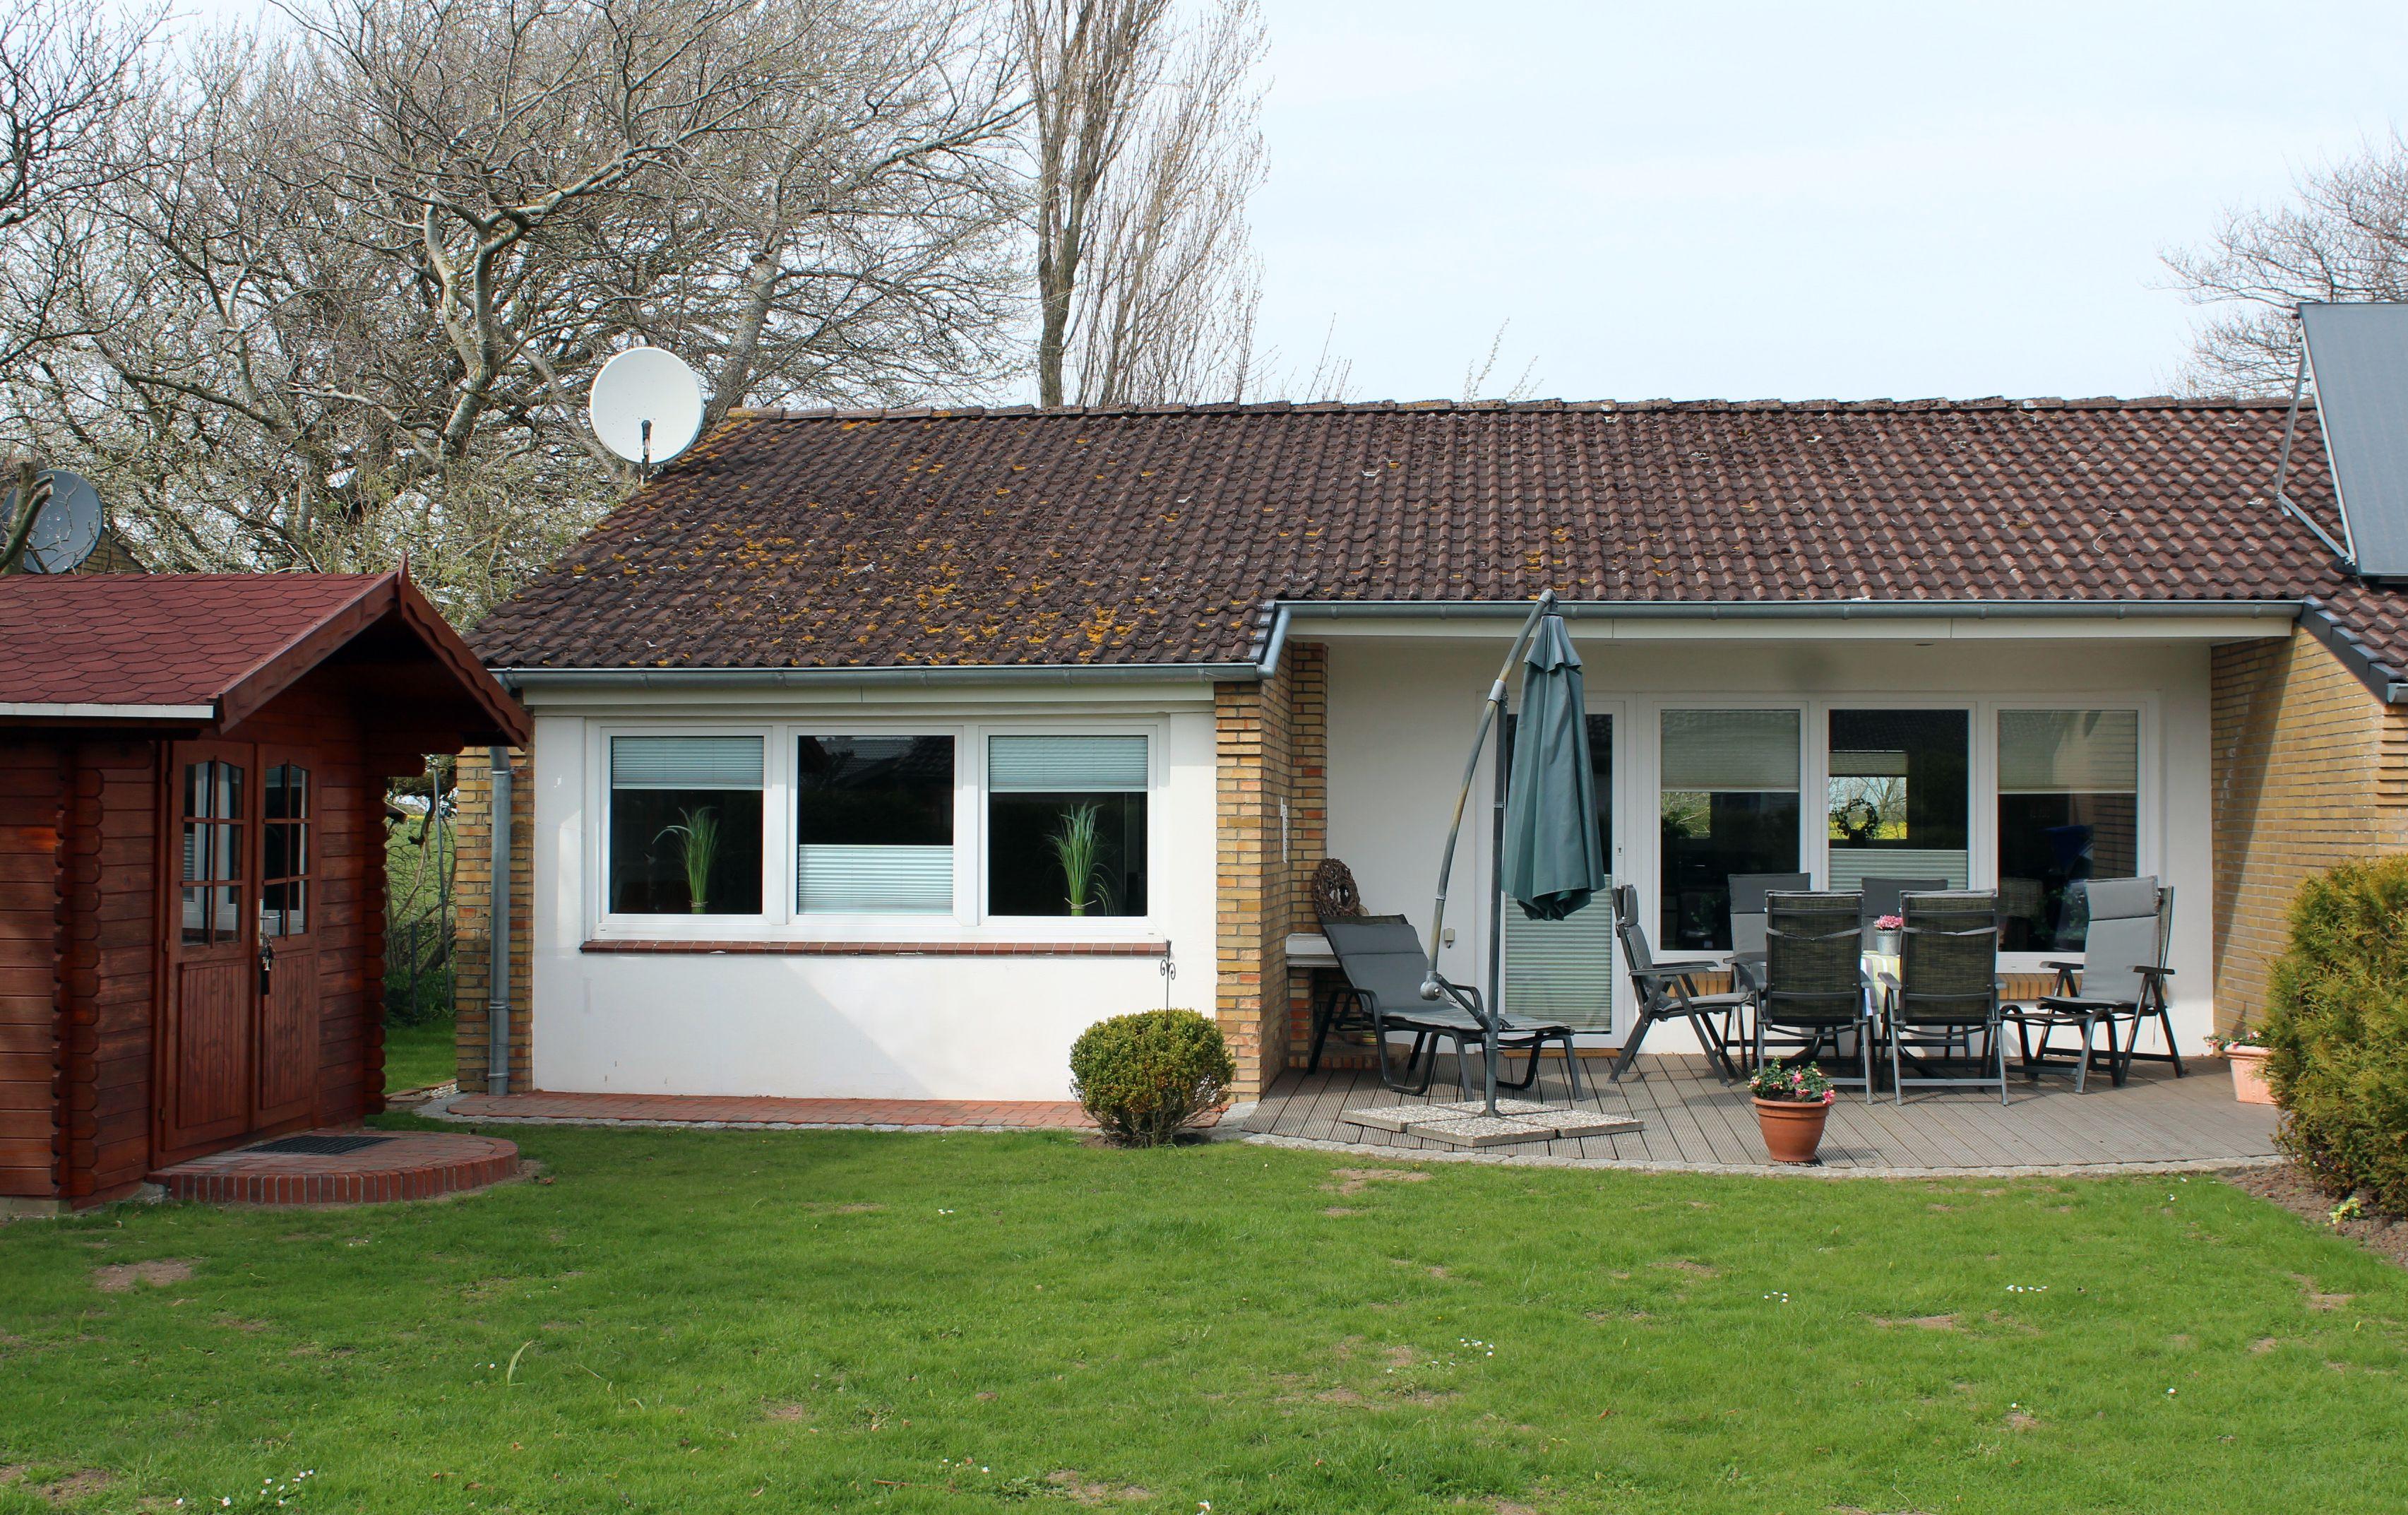 Ferienhaus Strandlagune - 022 (Büsum). Ferienhaus 4-Raum- 001